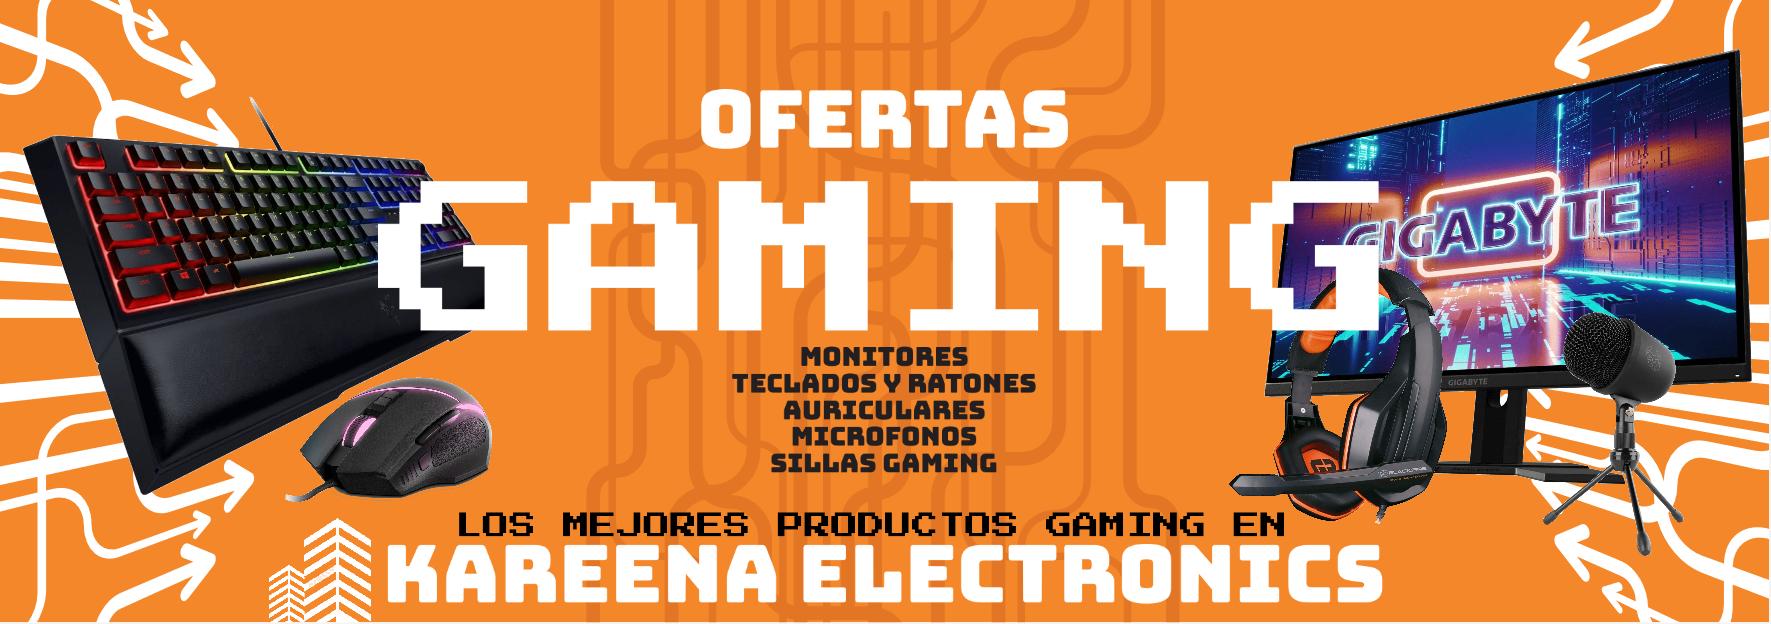 Ofertas Gaming